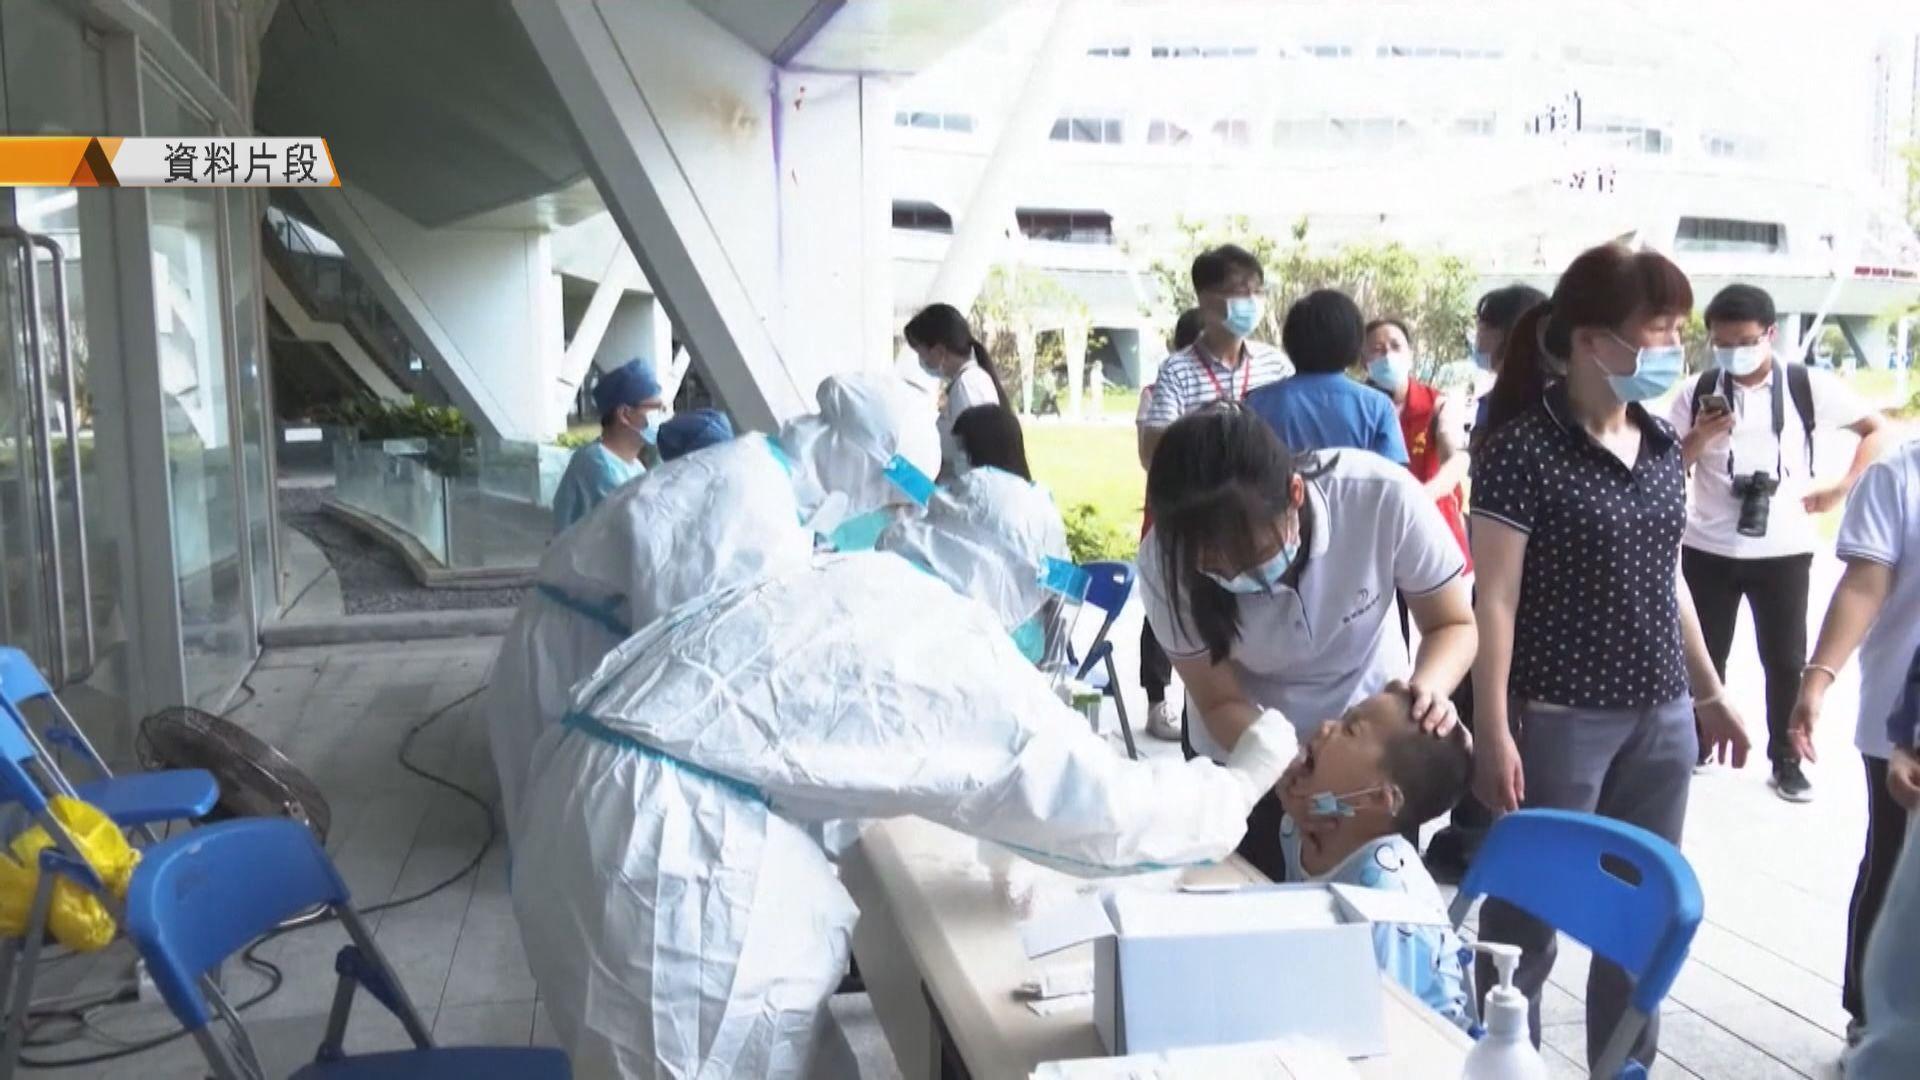 廣東新增15宗新冠病毒確診個案 全部來自廣州